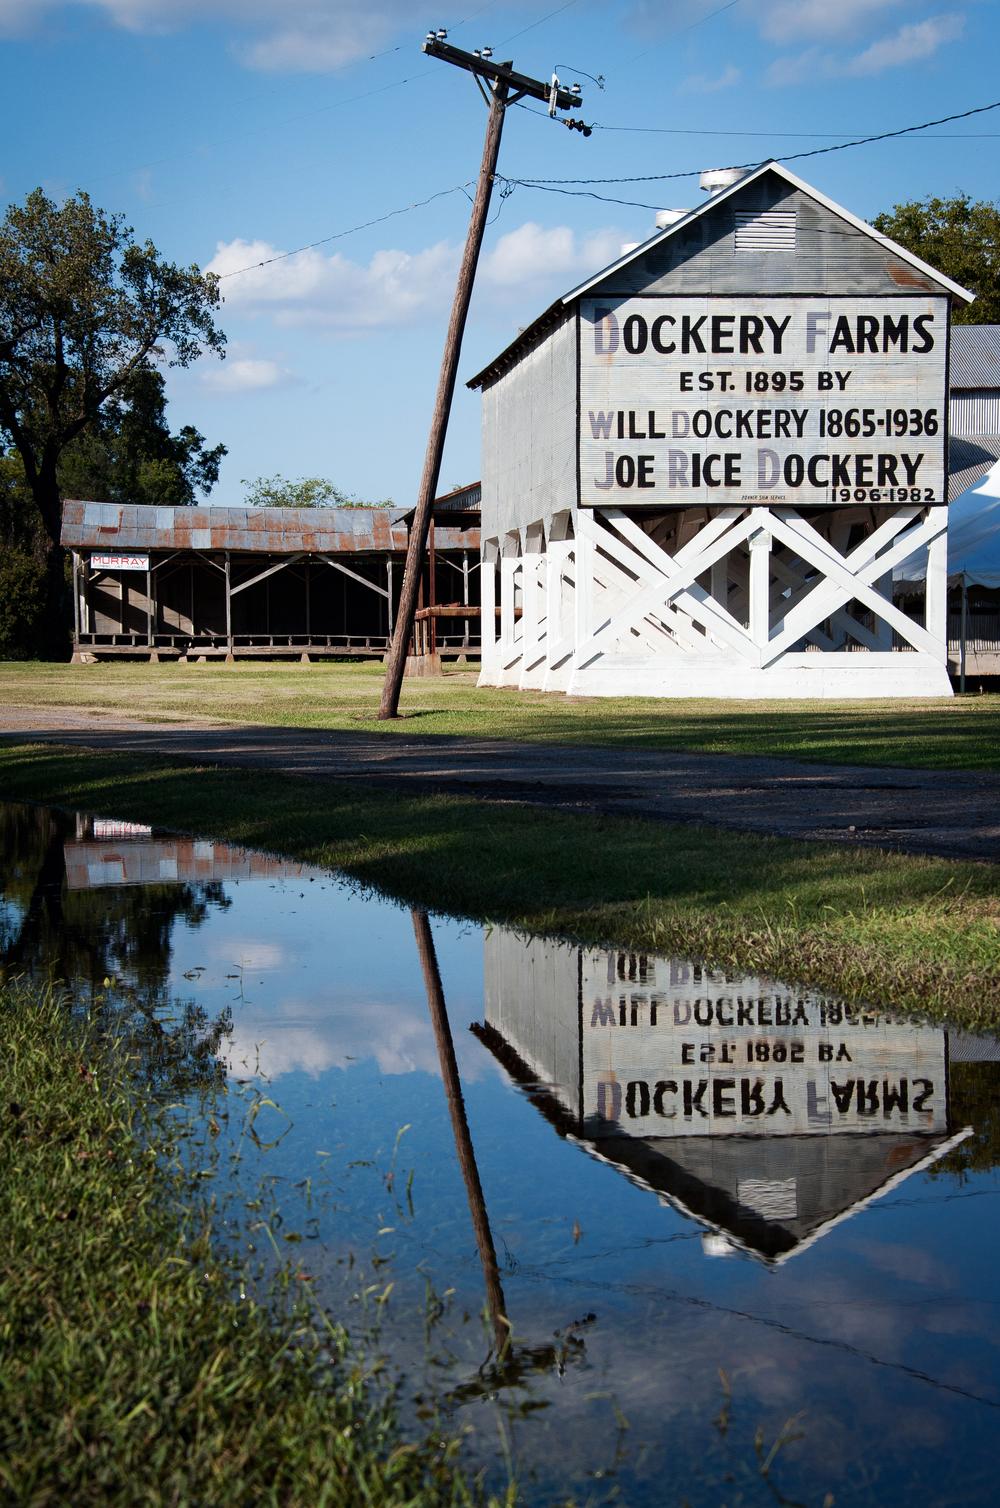 dockery.jpg